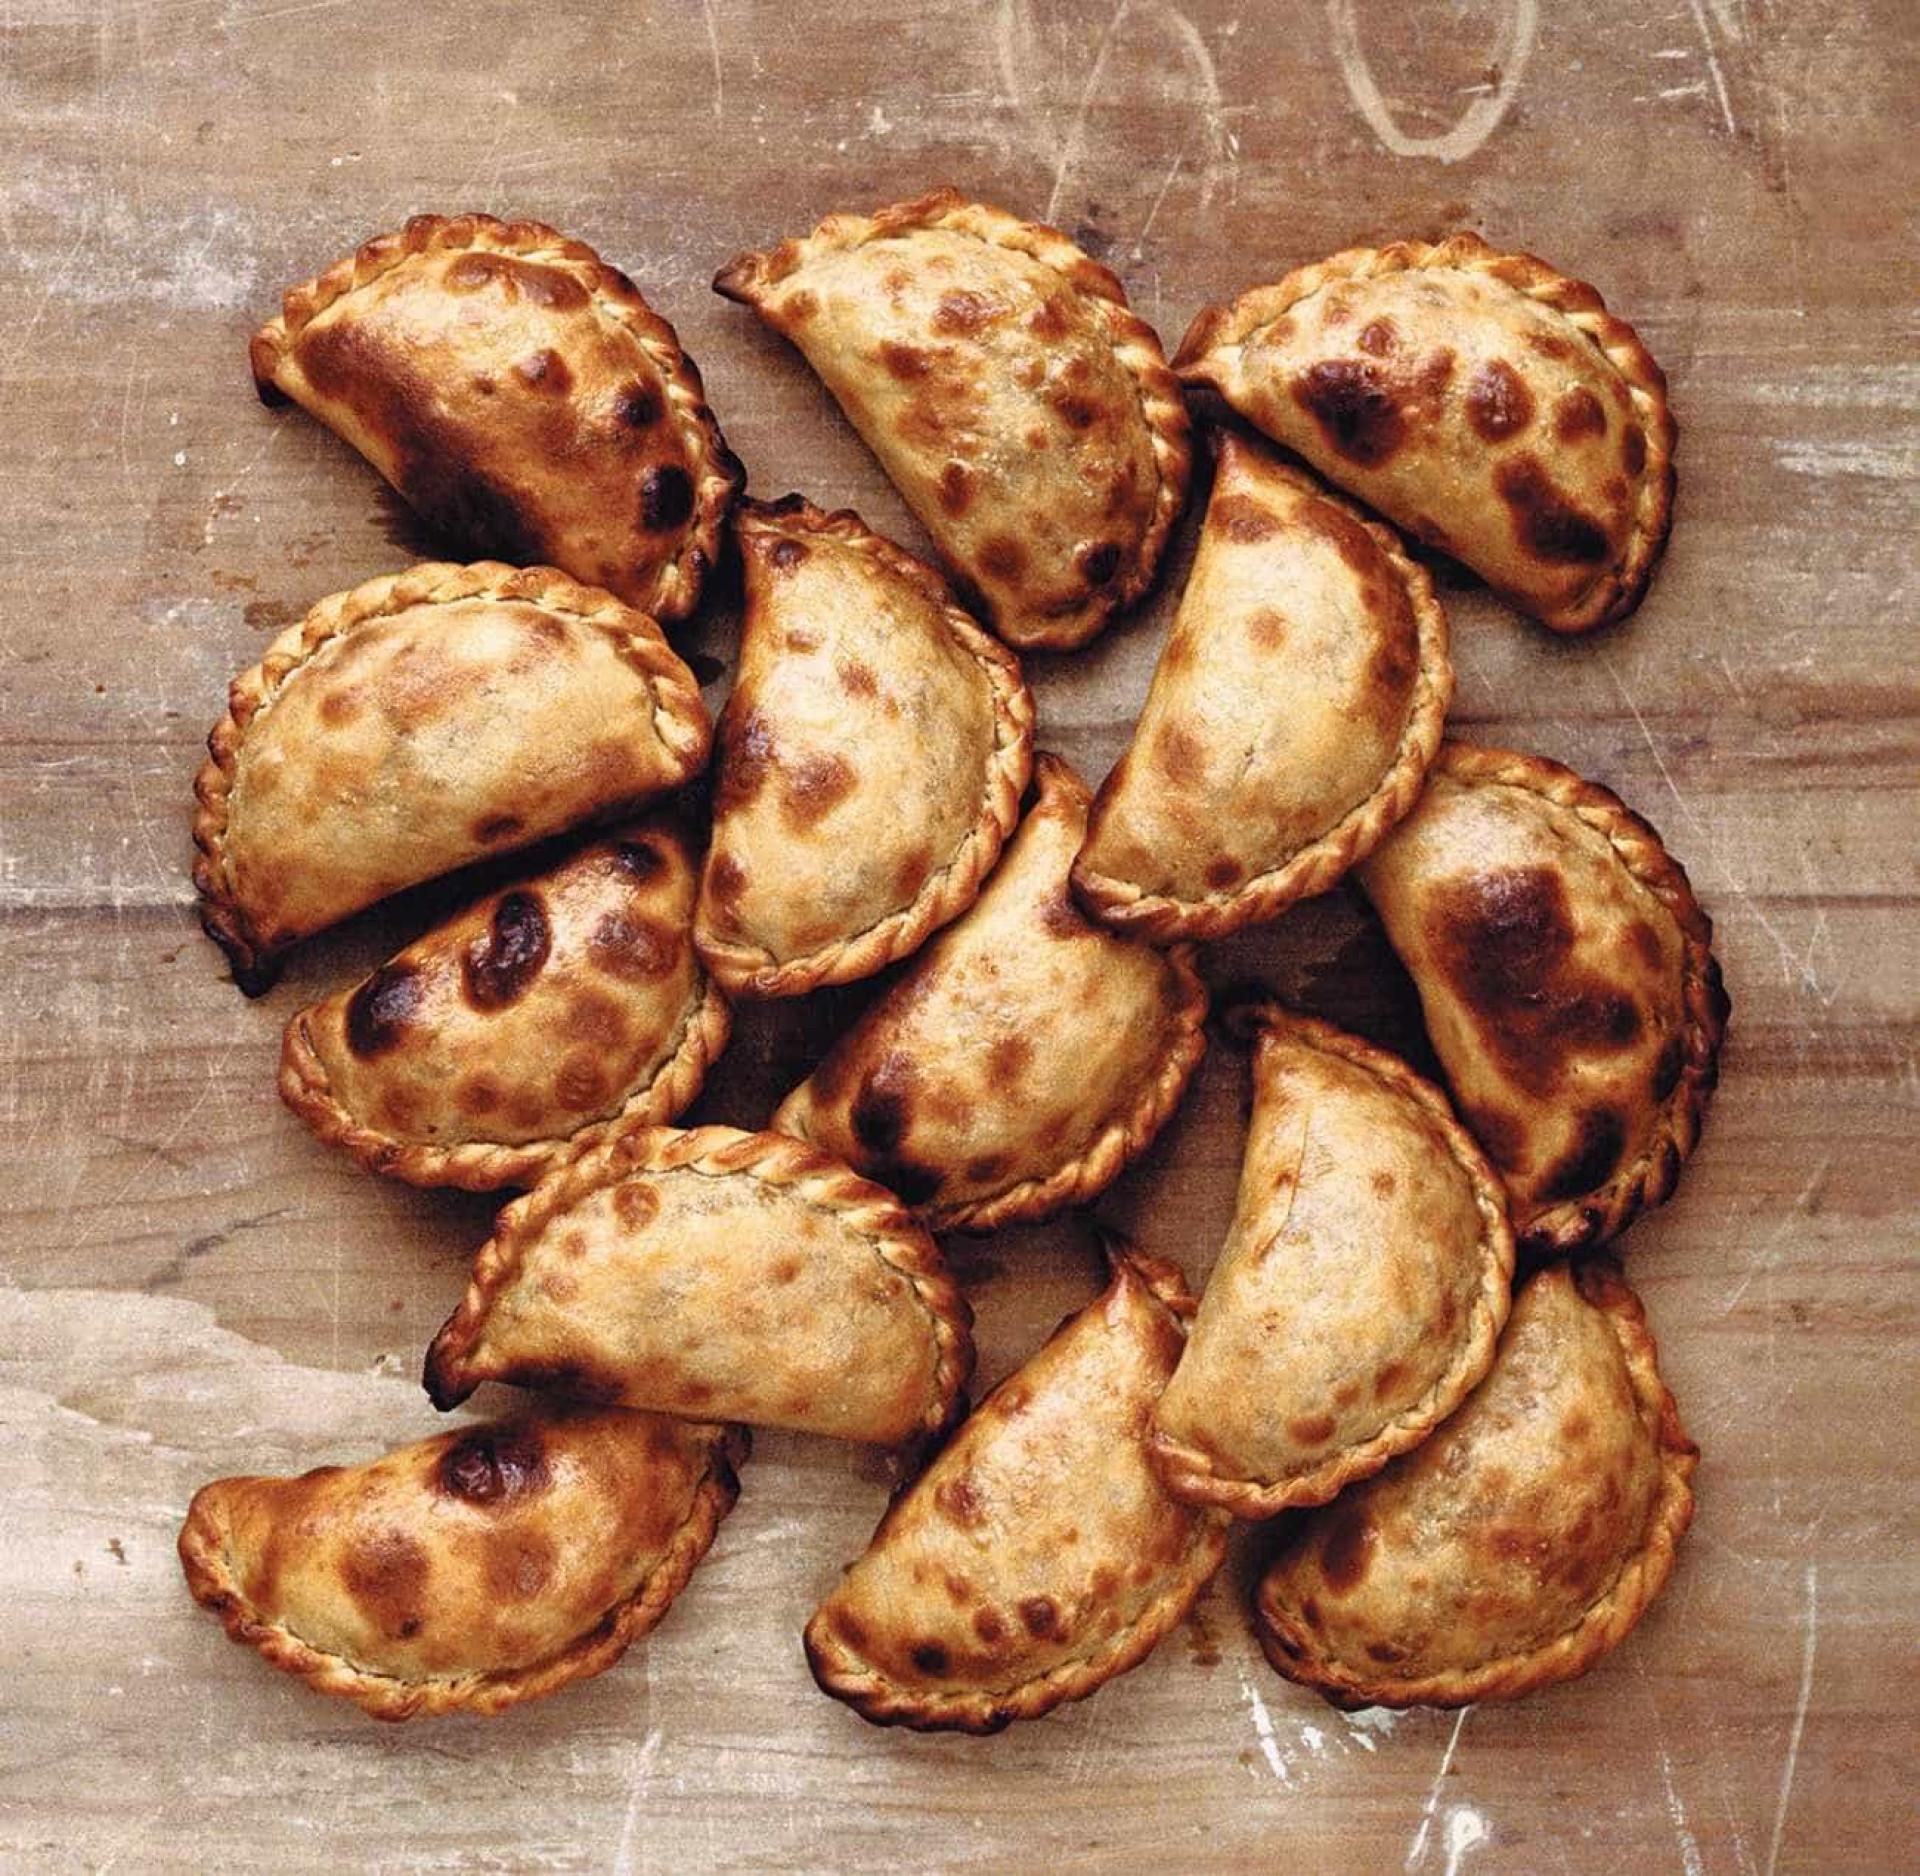 Aprenda a fazer as famosas Empanadas Salteñas, da chef Paola Carosella